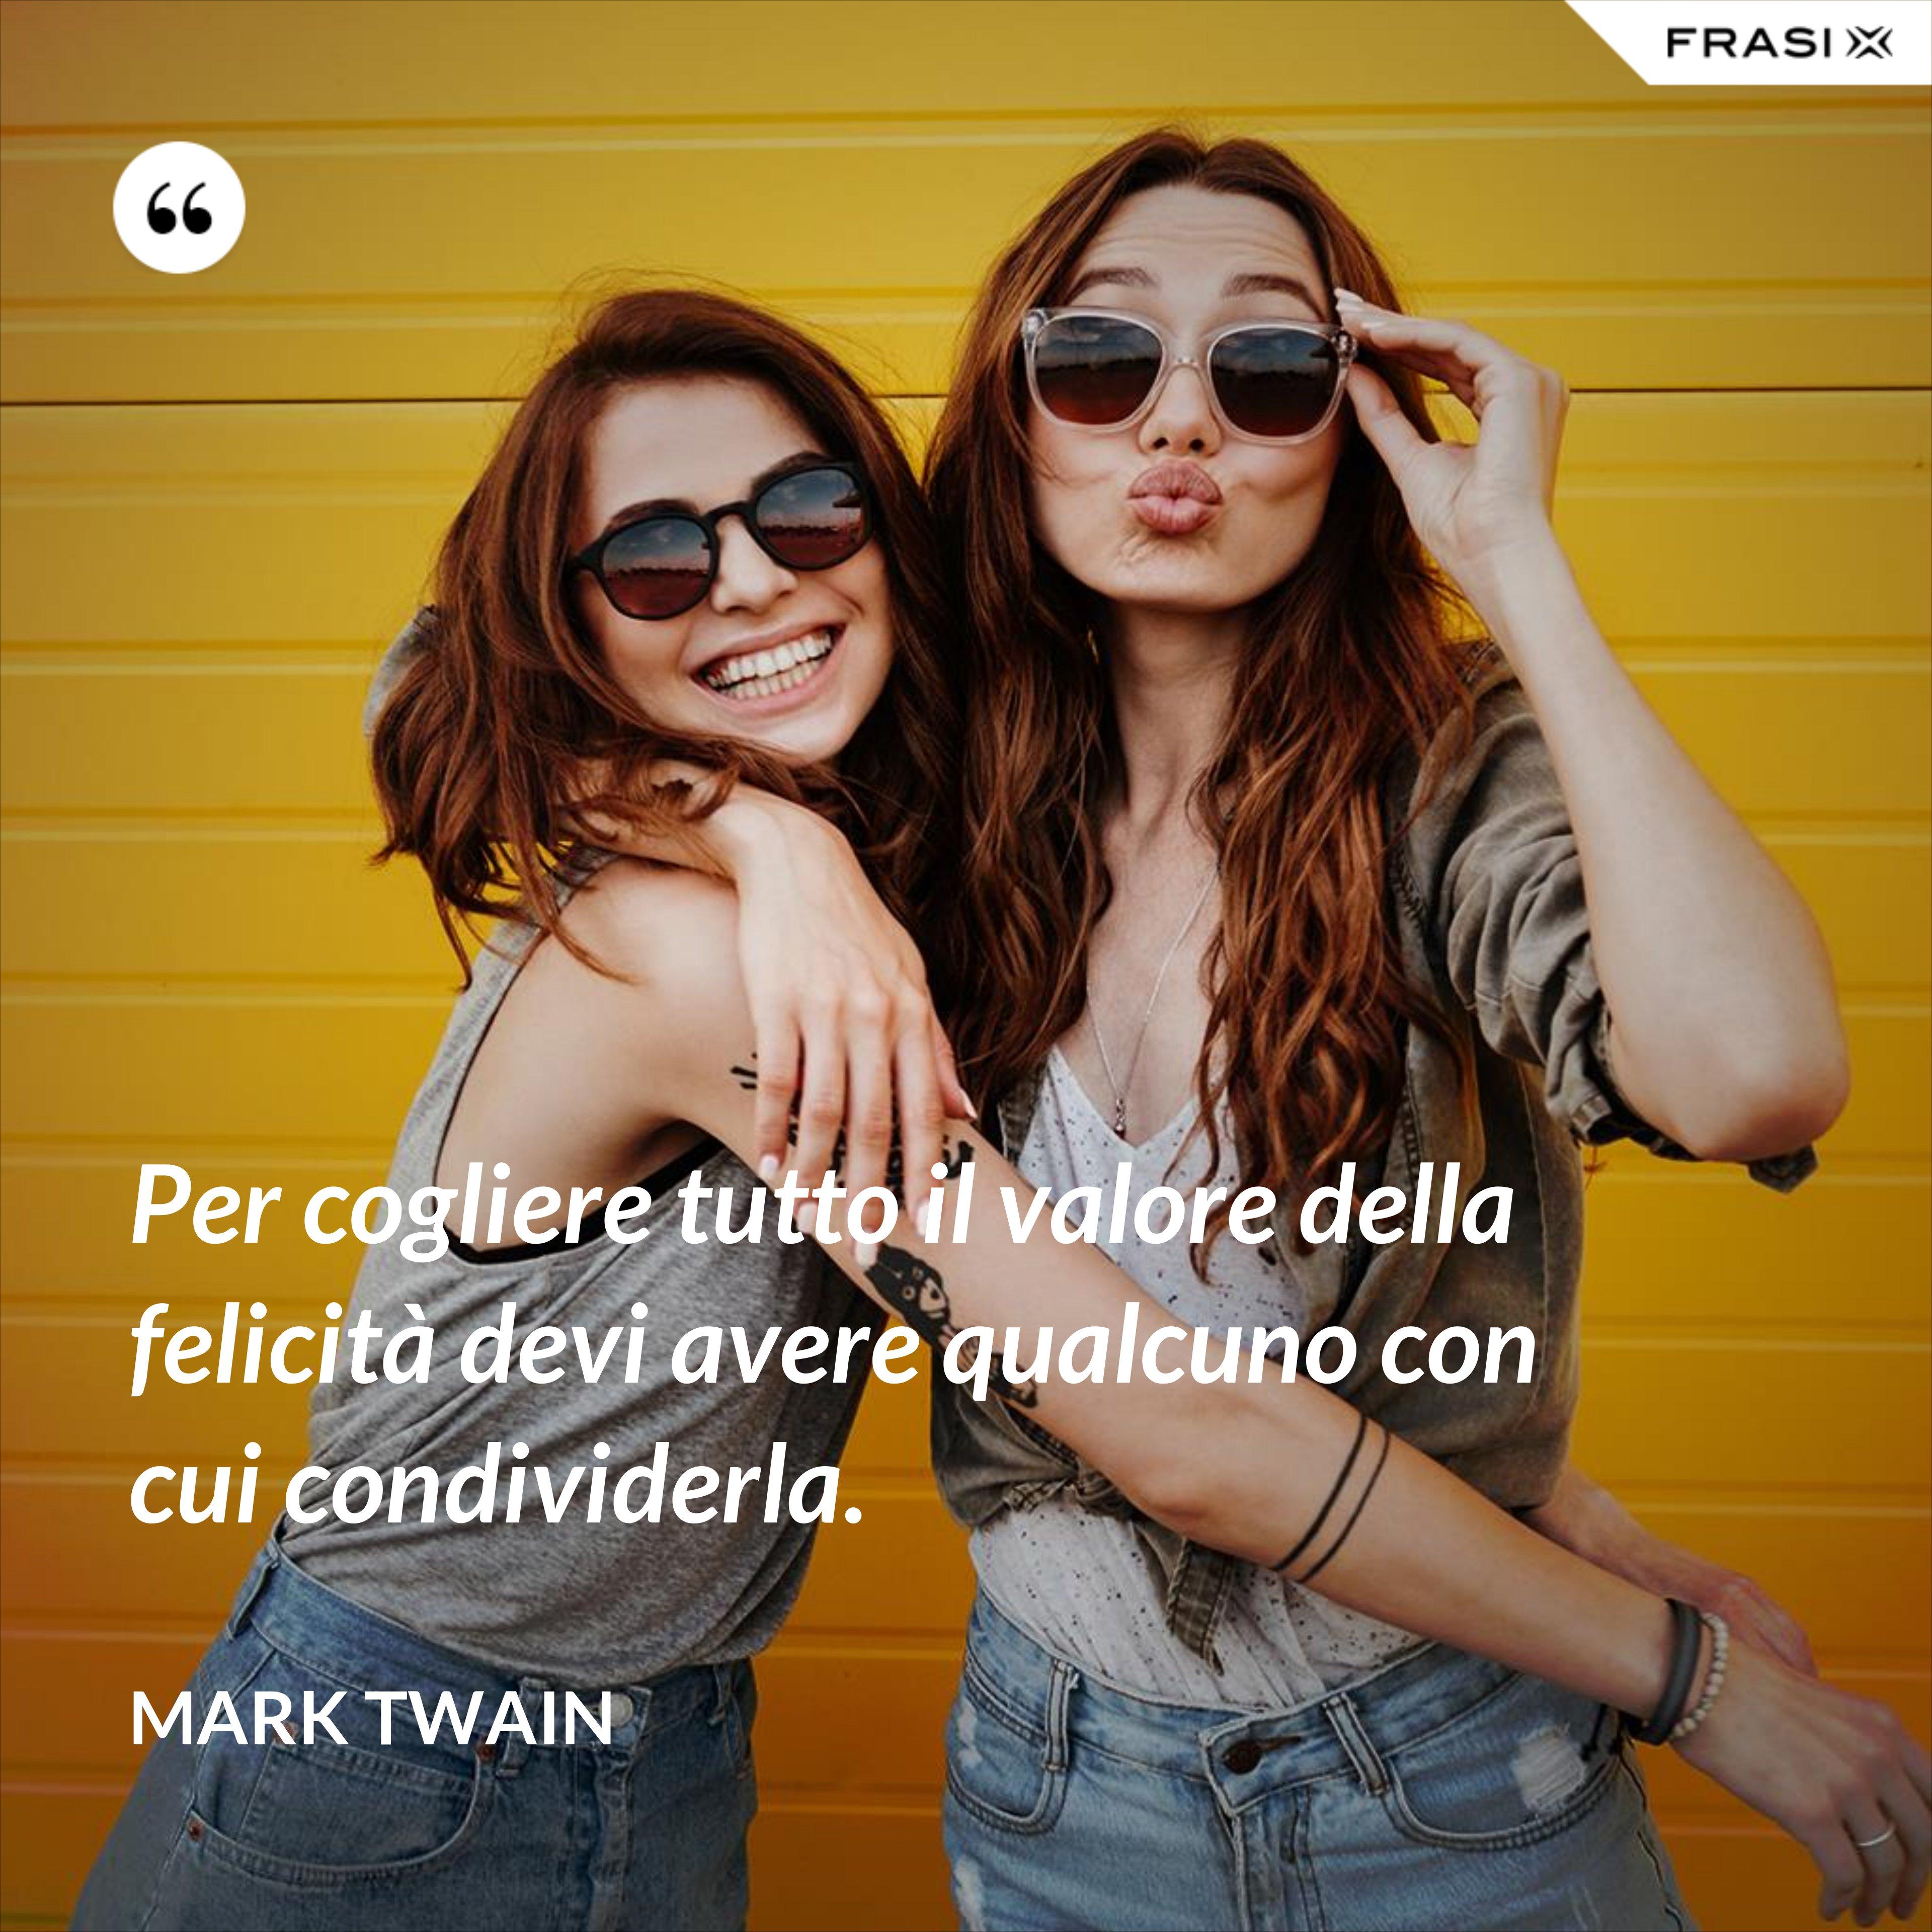 Per cogliere tutto il valore della felicità devi avere qualcuno con cui condividerla. - Mark Twain